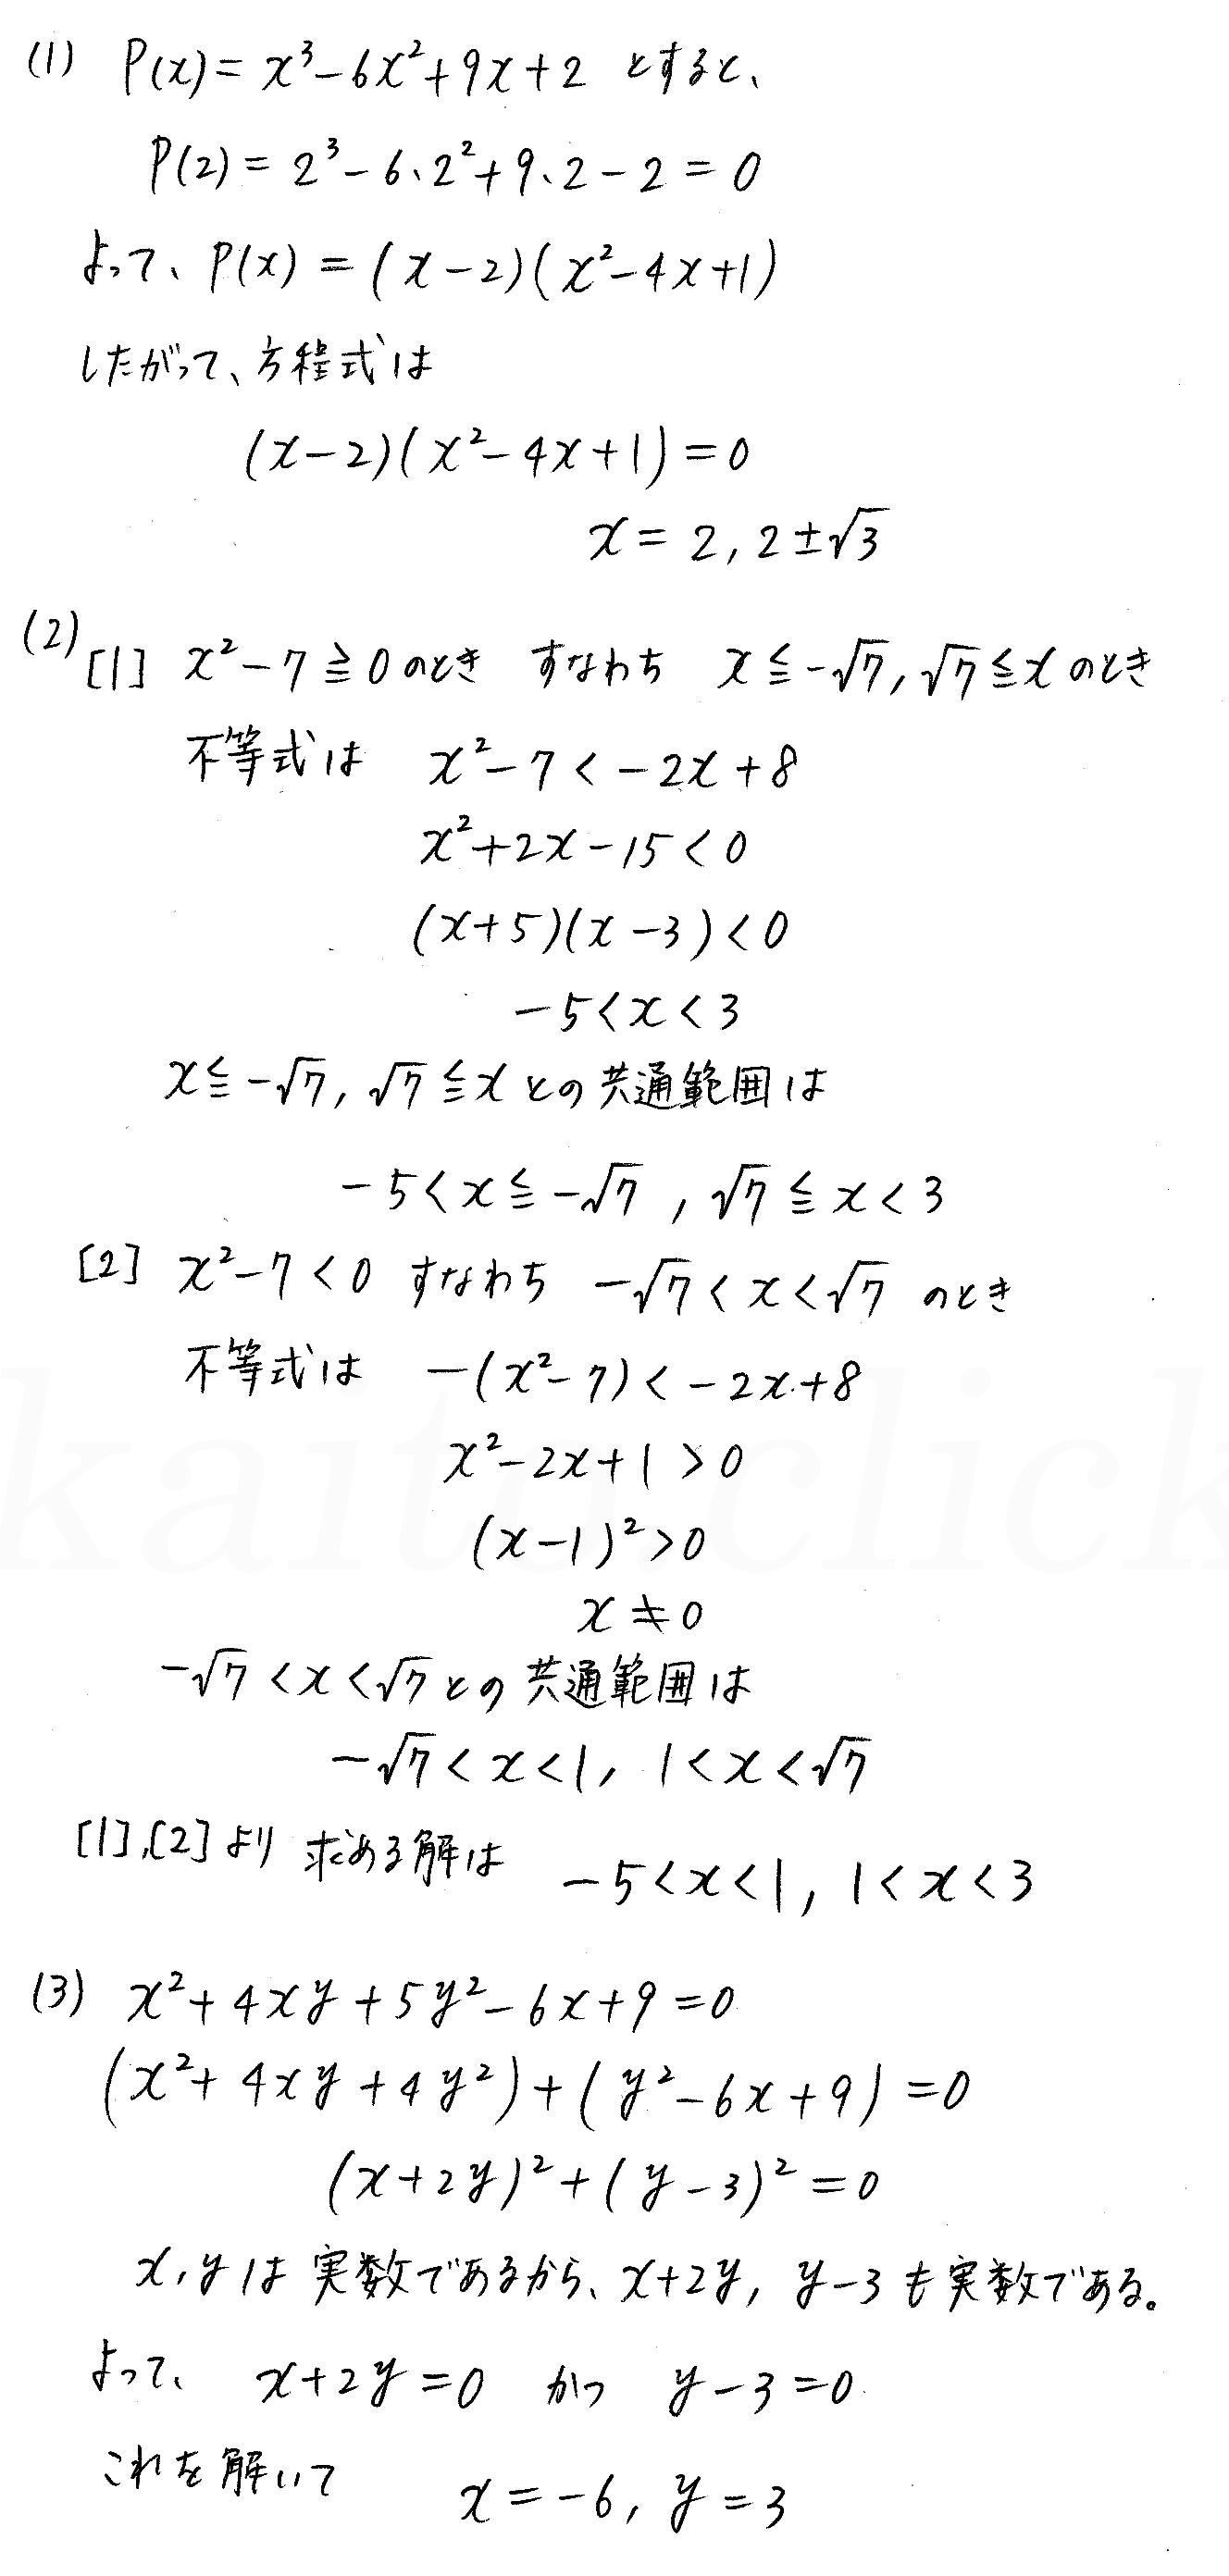 クリアー数学演習12AB受験編-14解答